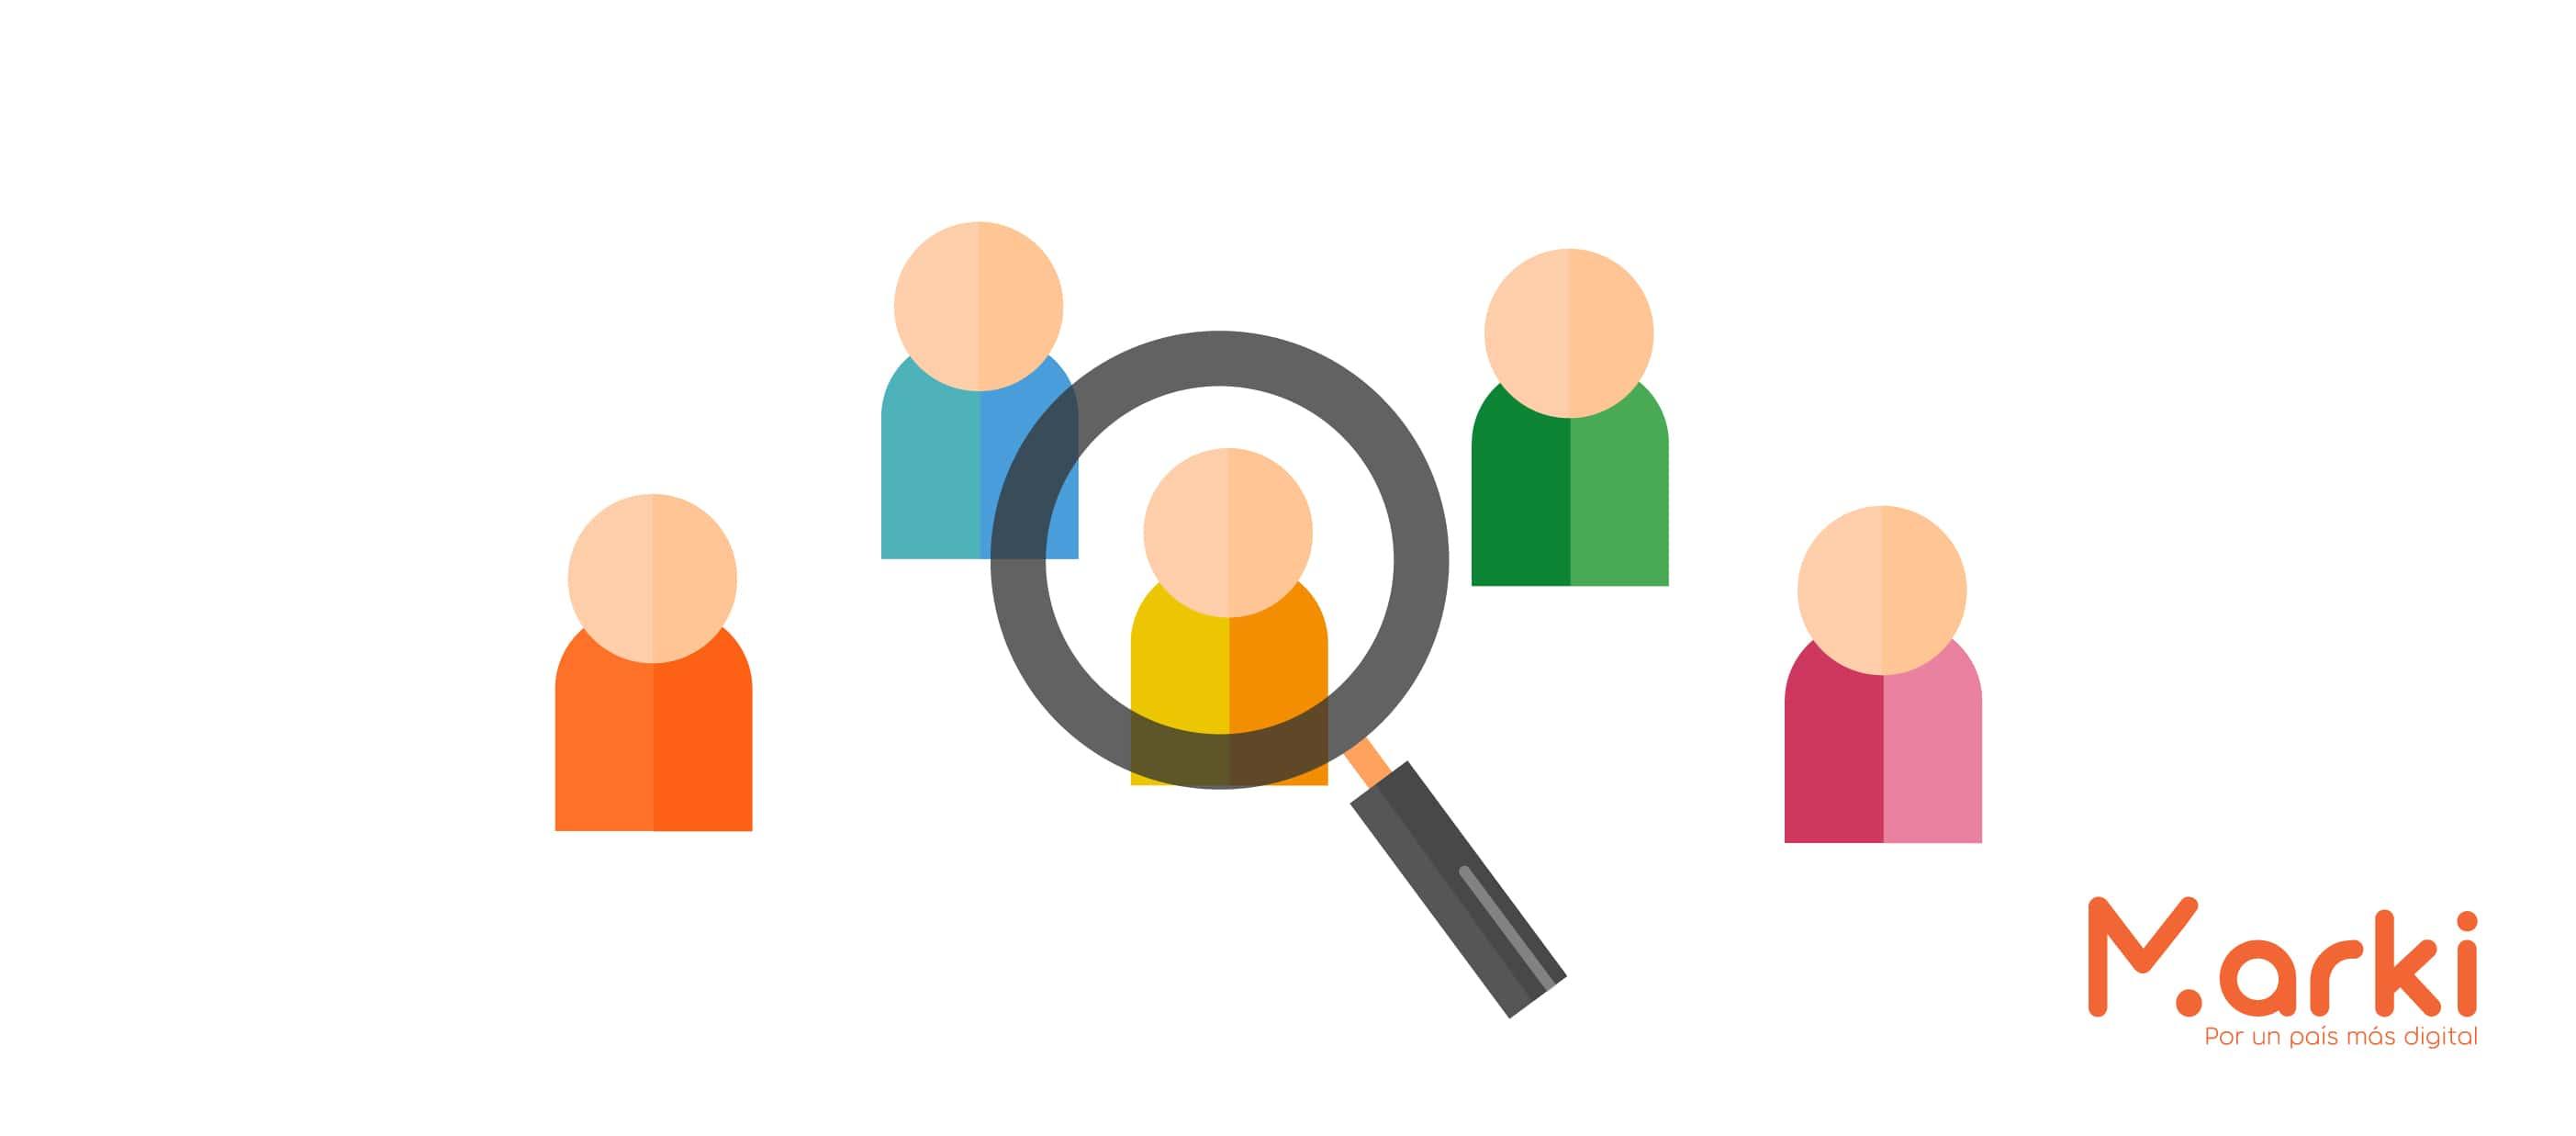 segmentar público objetivo como hacer email marketing gratis campañas de mailing diseño marki voluntariado marki